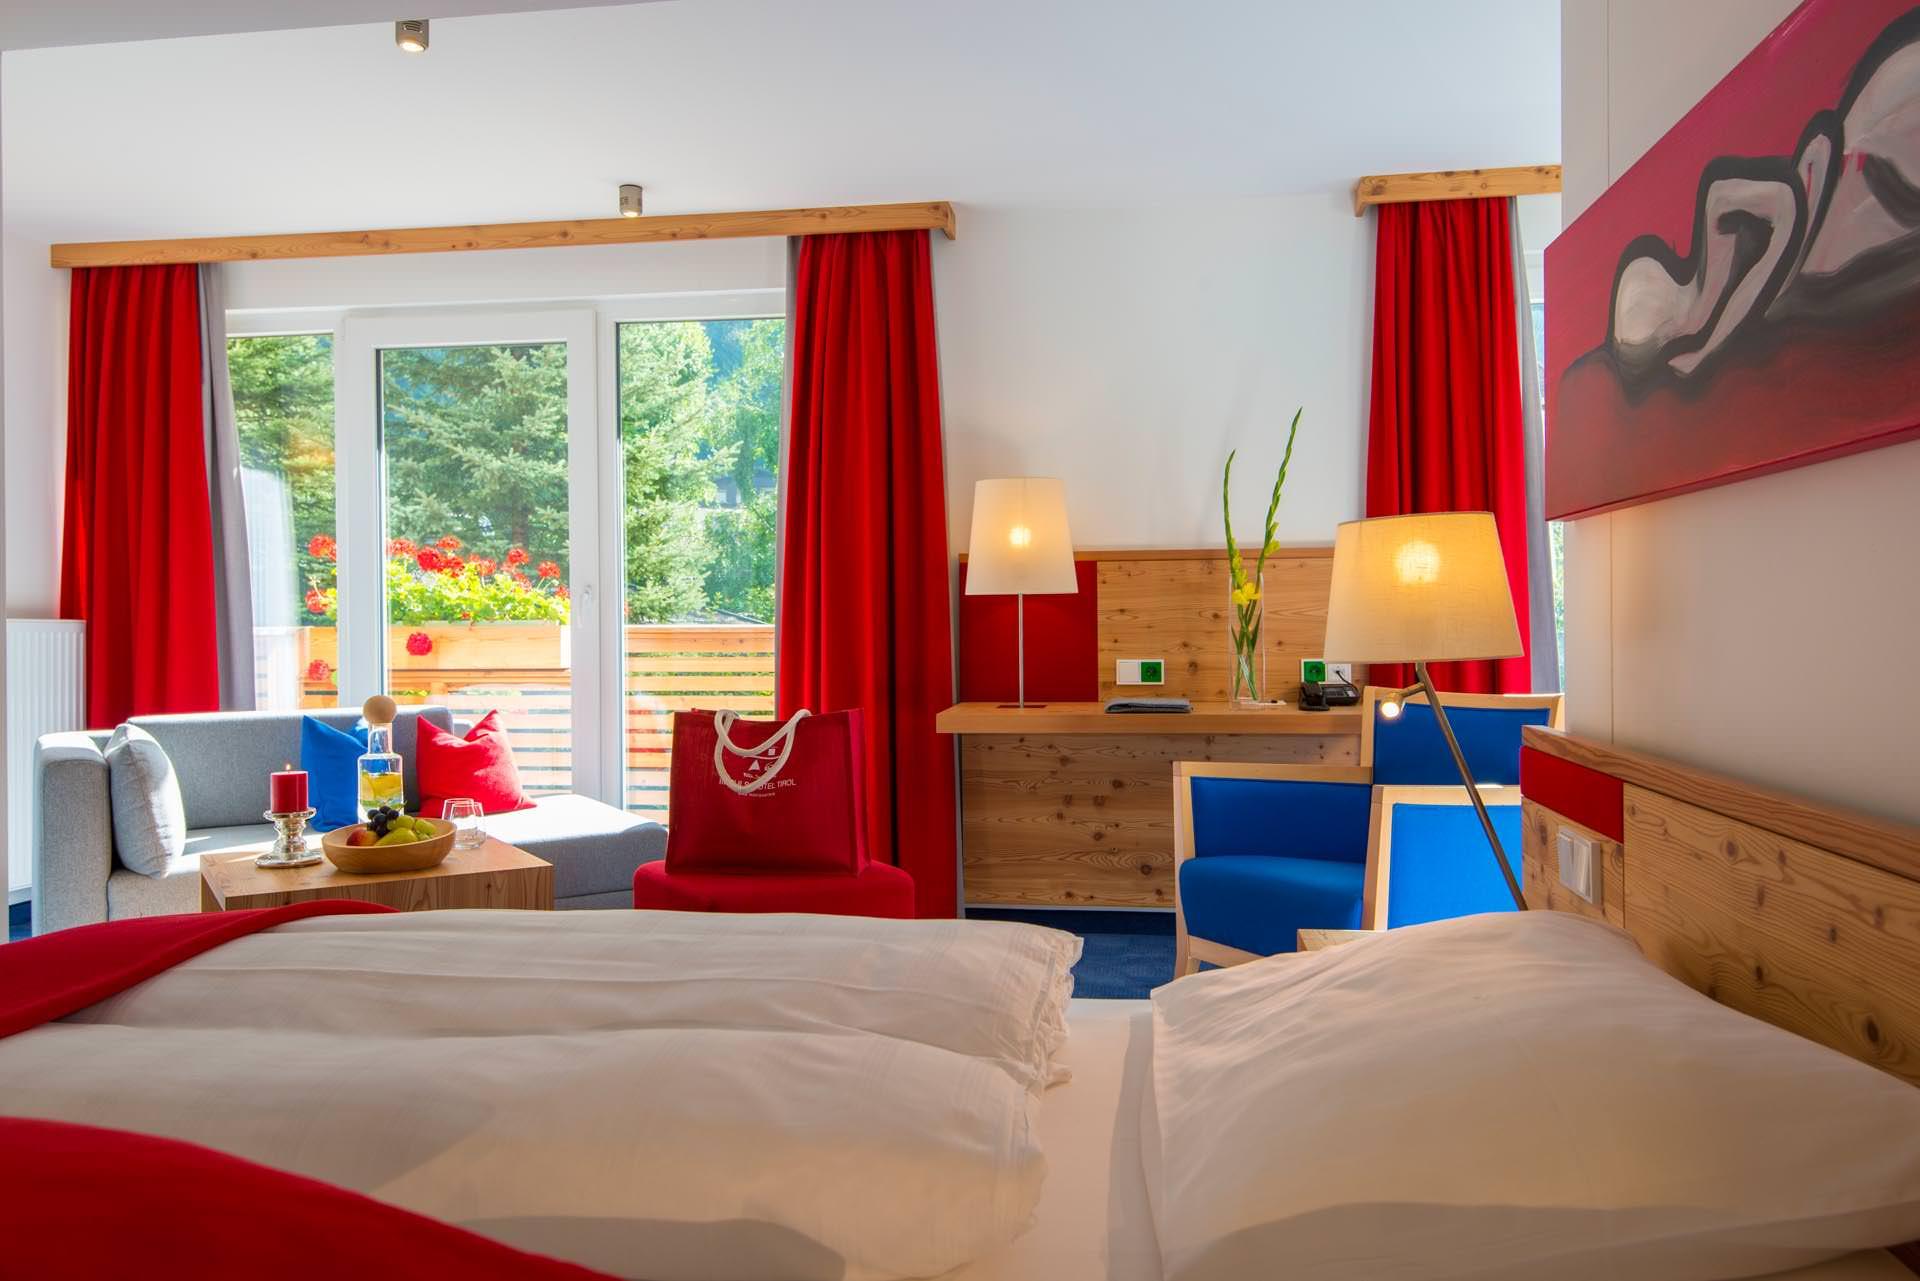 Fein fashionable design bad hofgastein hotel fotos die for Design wellnesshotel nrw